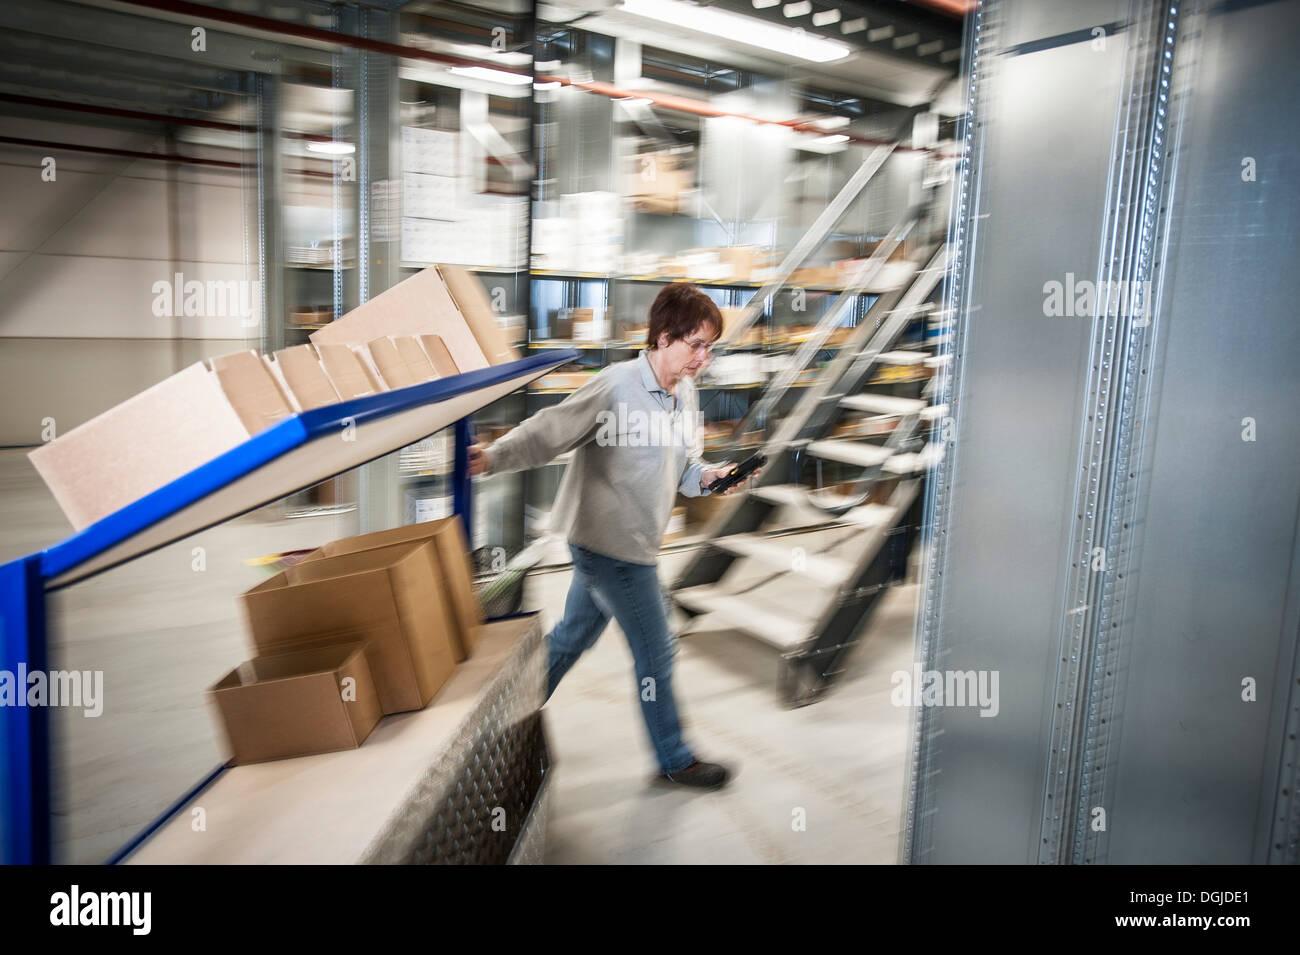 Employé de l'entrepôt femelle panier de chariots mobiles Photo Stock